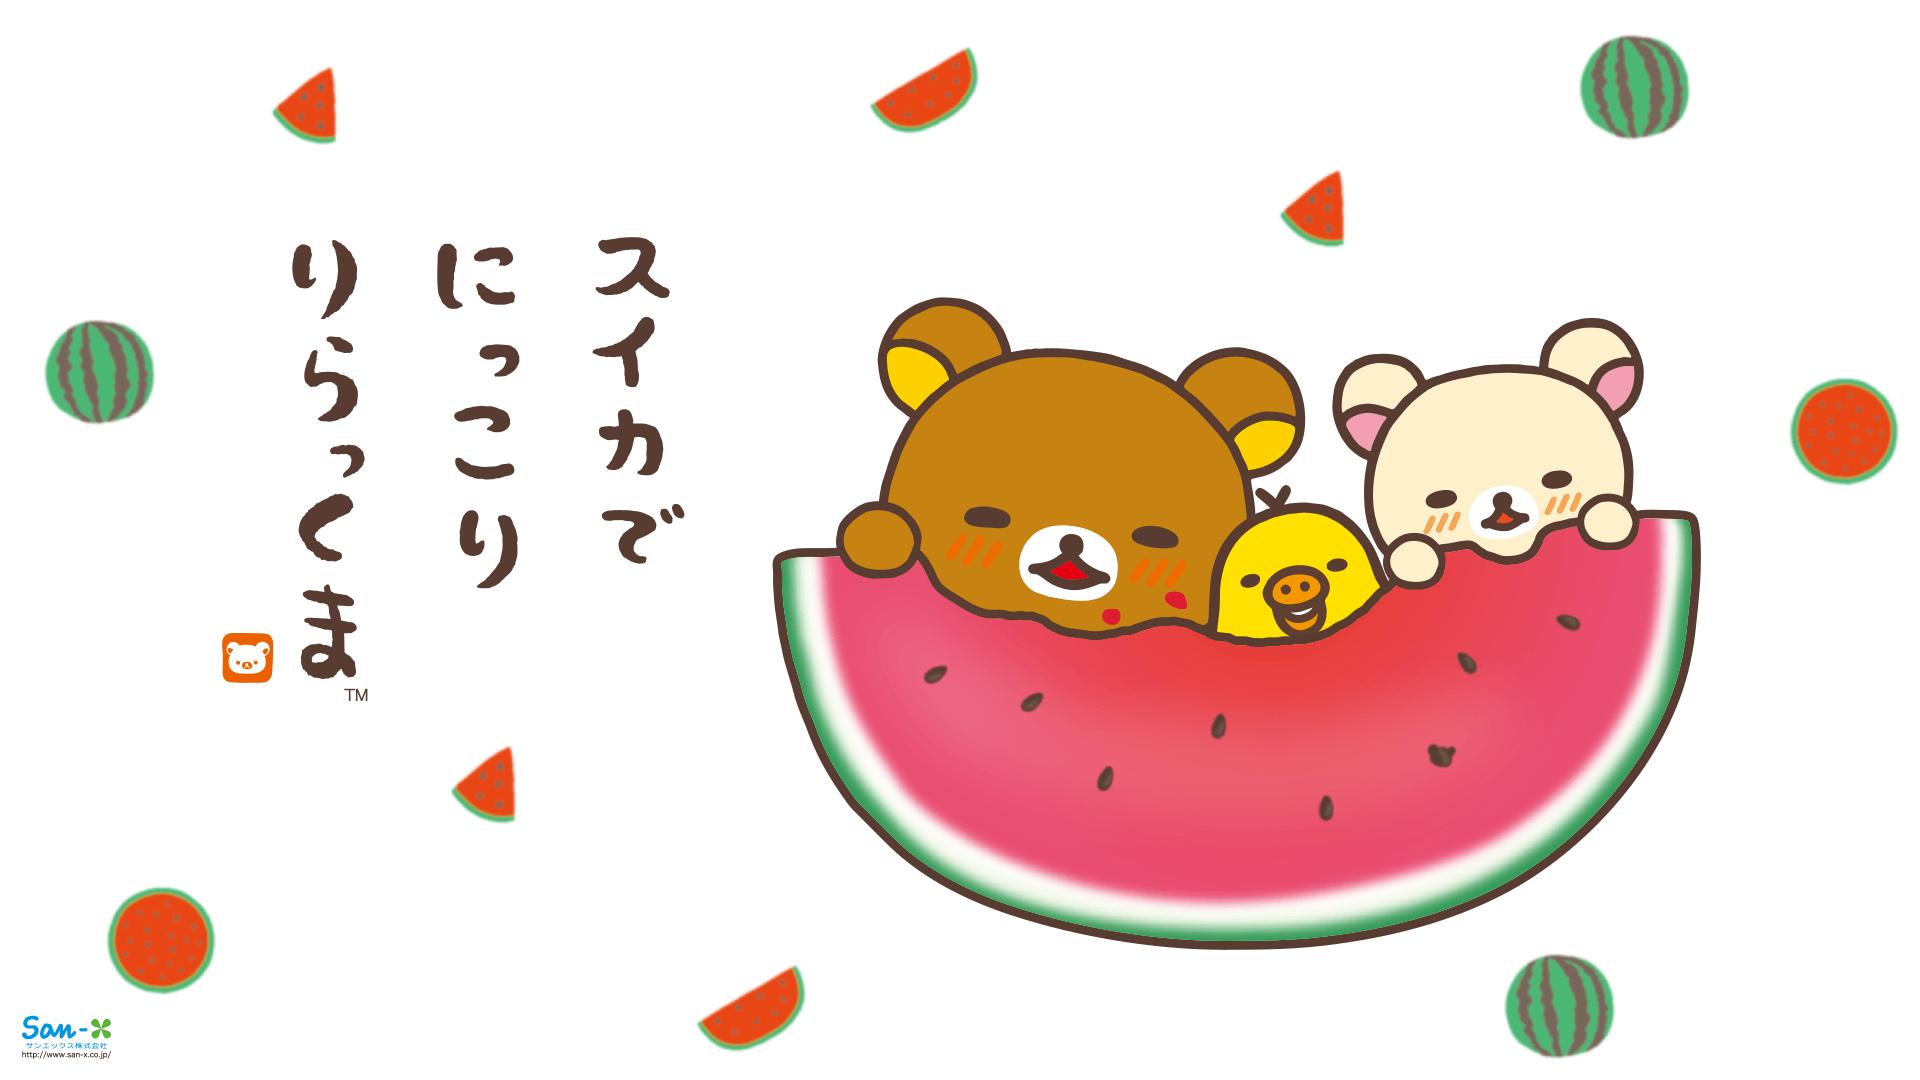 Rilakkuma Watermelon Wallpaper Cute desktop wallpaper